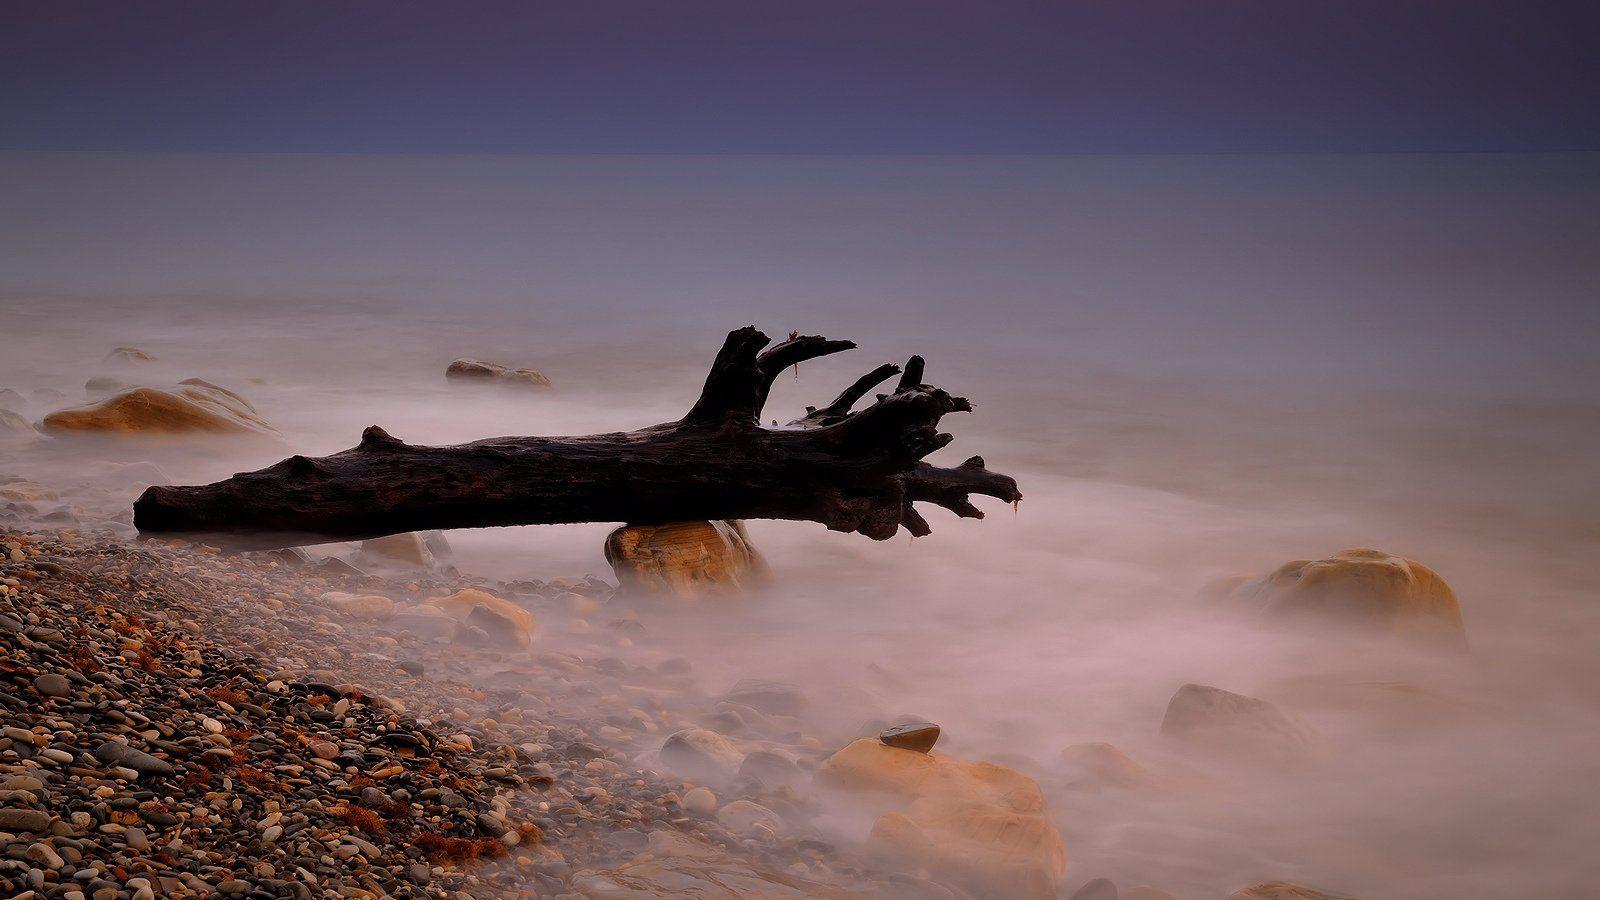 море, прибой, камни, коряга, Serj Master